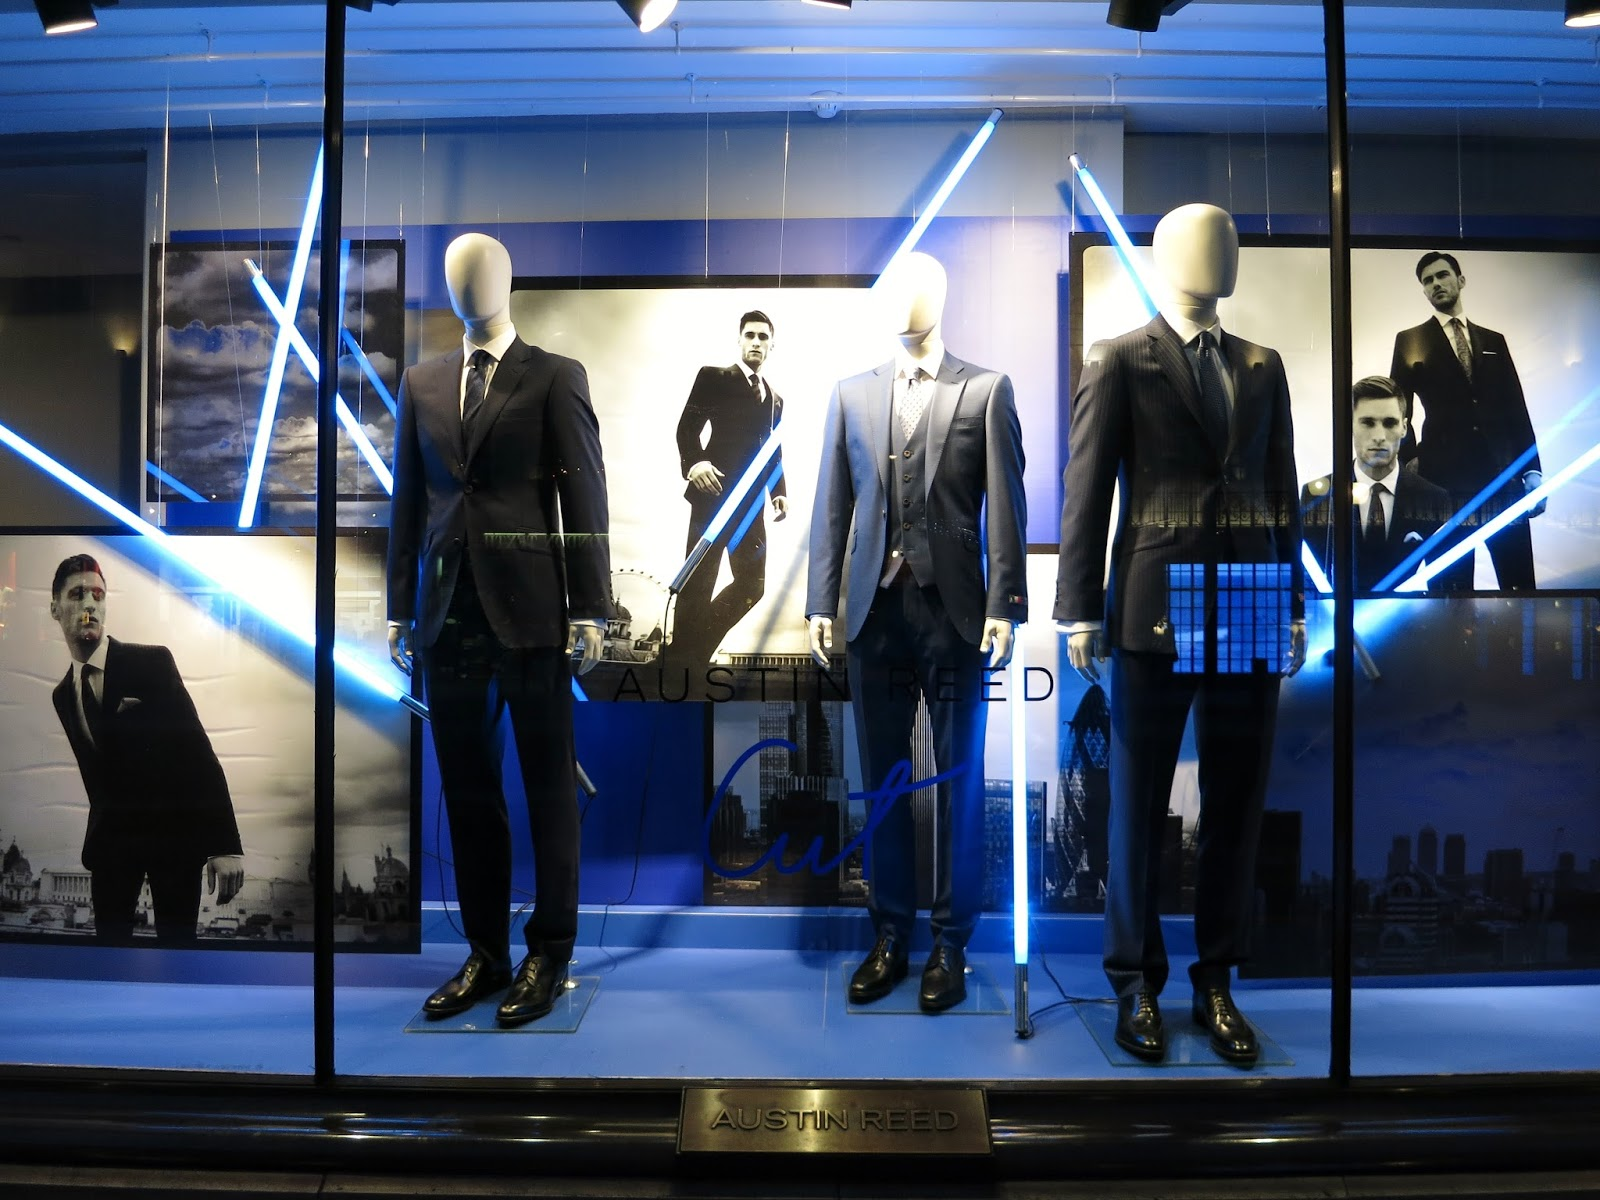 Retailstorewindows Austin Reed London